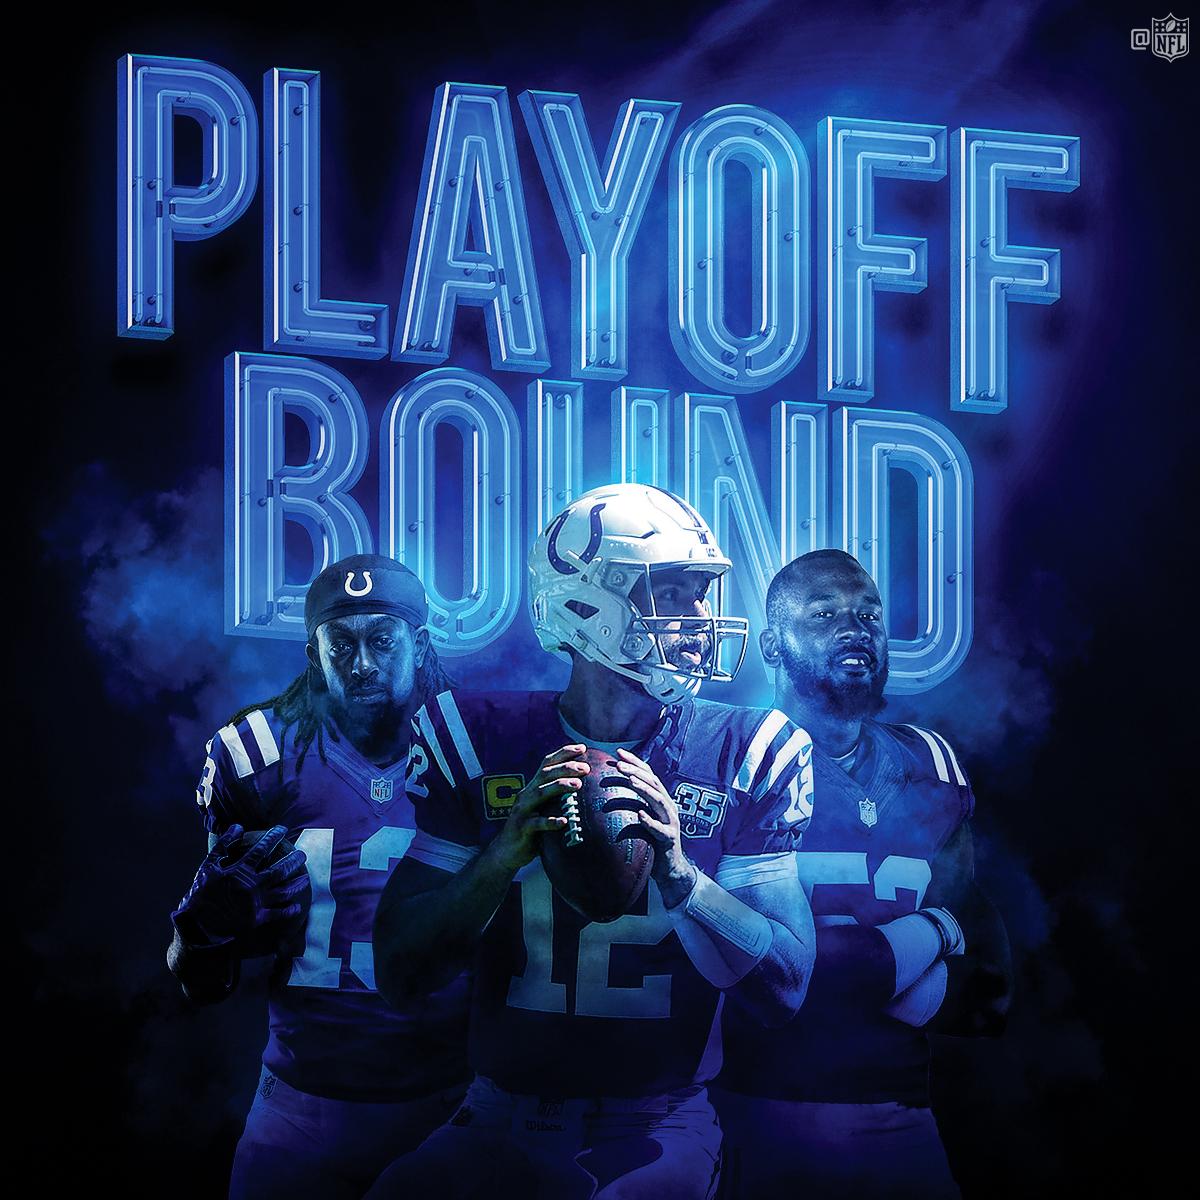 PlayoffBound_Colts_002.jpg